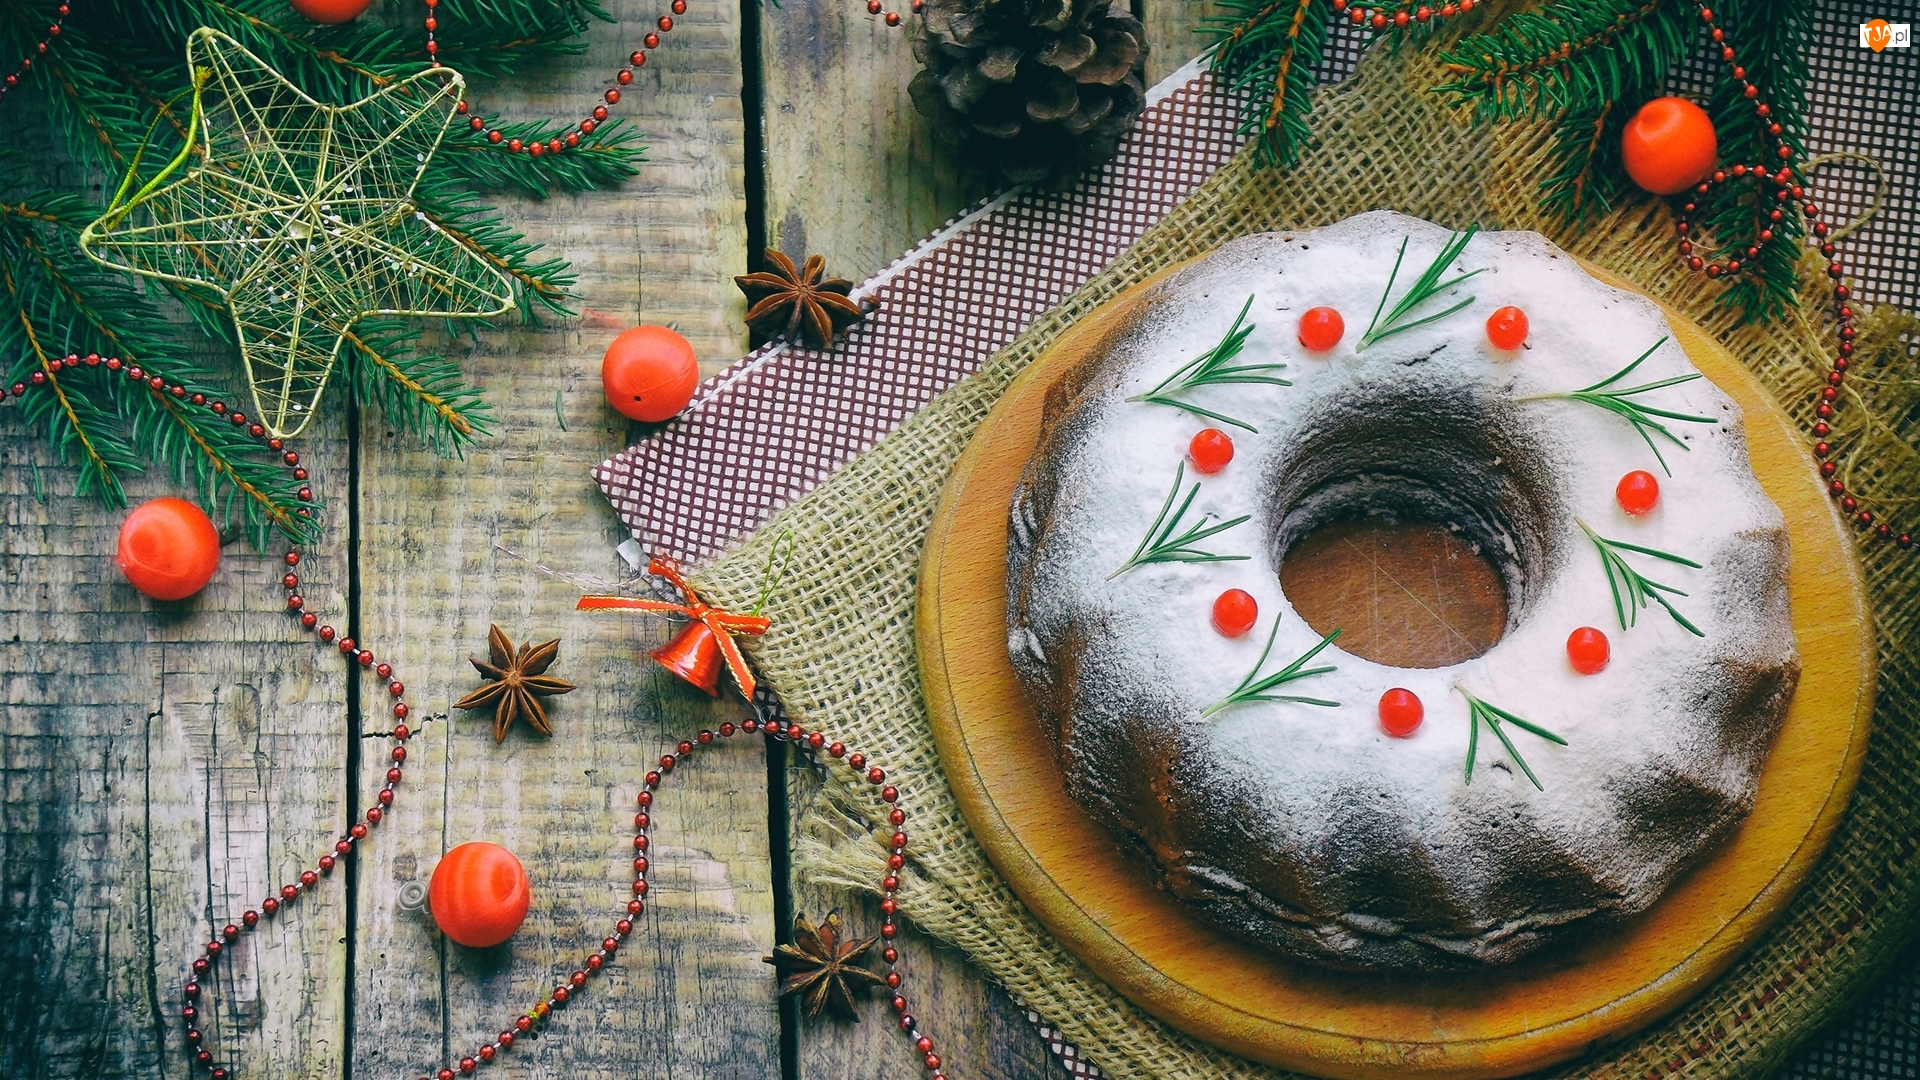 Gwiazdka, Boże Narodzenie, Bombki, Ciasto, Koraliki